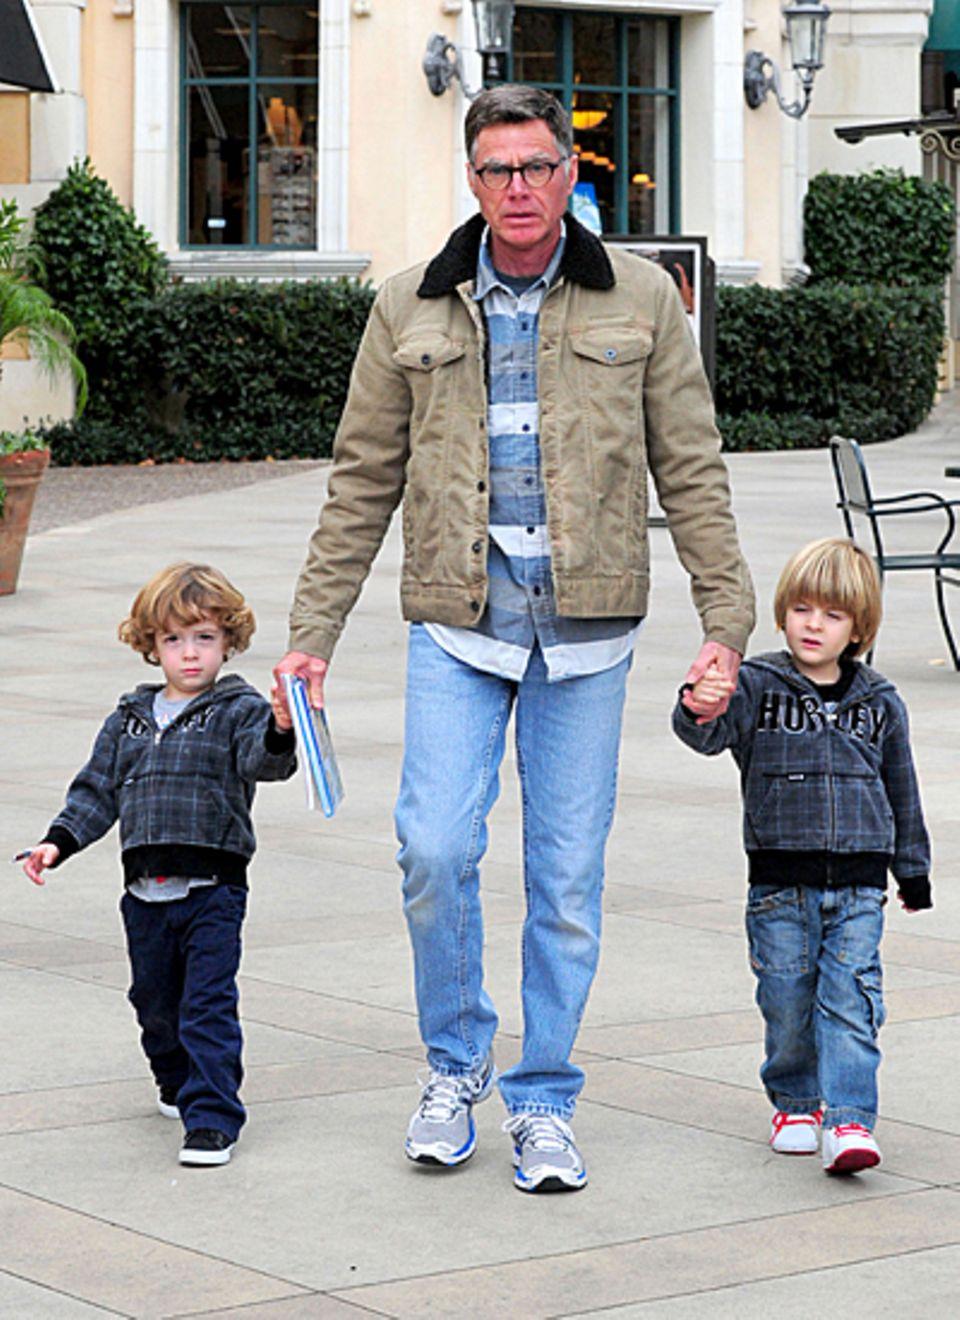 12. Dezember 2012: Irv Richards, der Vater von Denise Richards verbringt einen Nachmittag mit Charlie Sheens Söhnen Bob und Max.